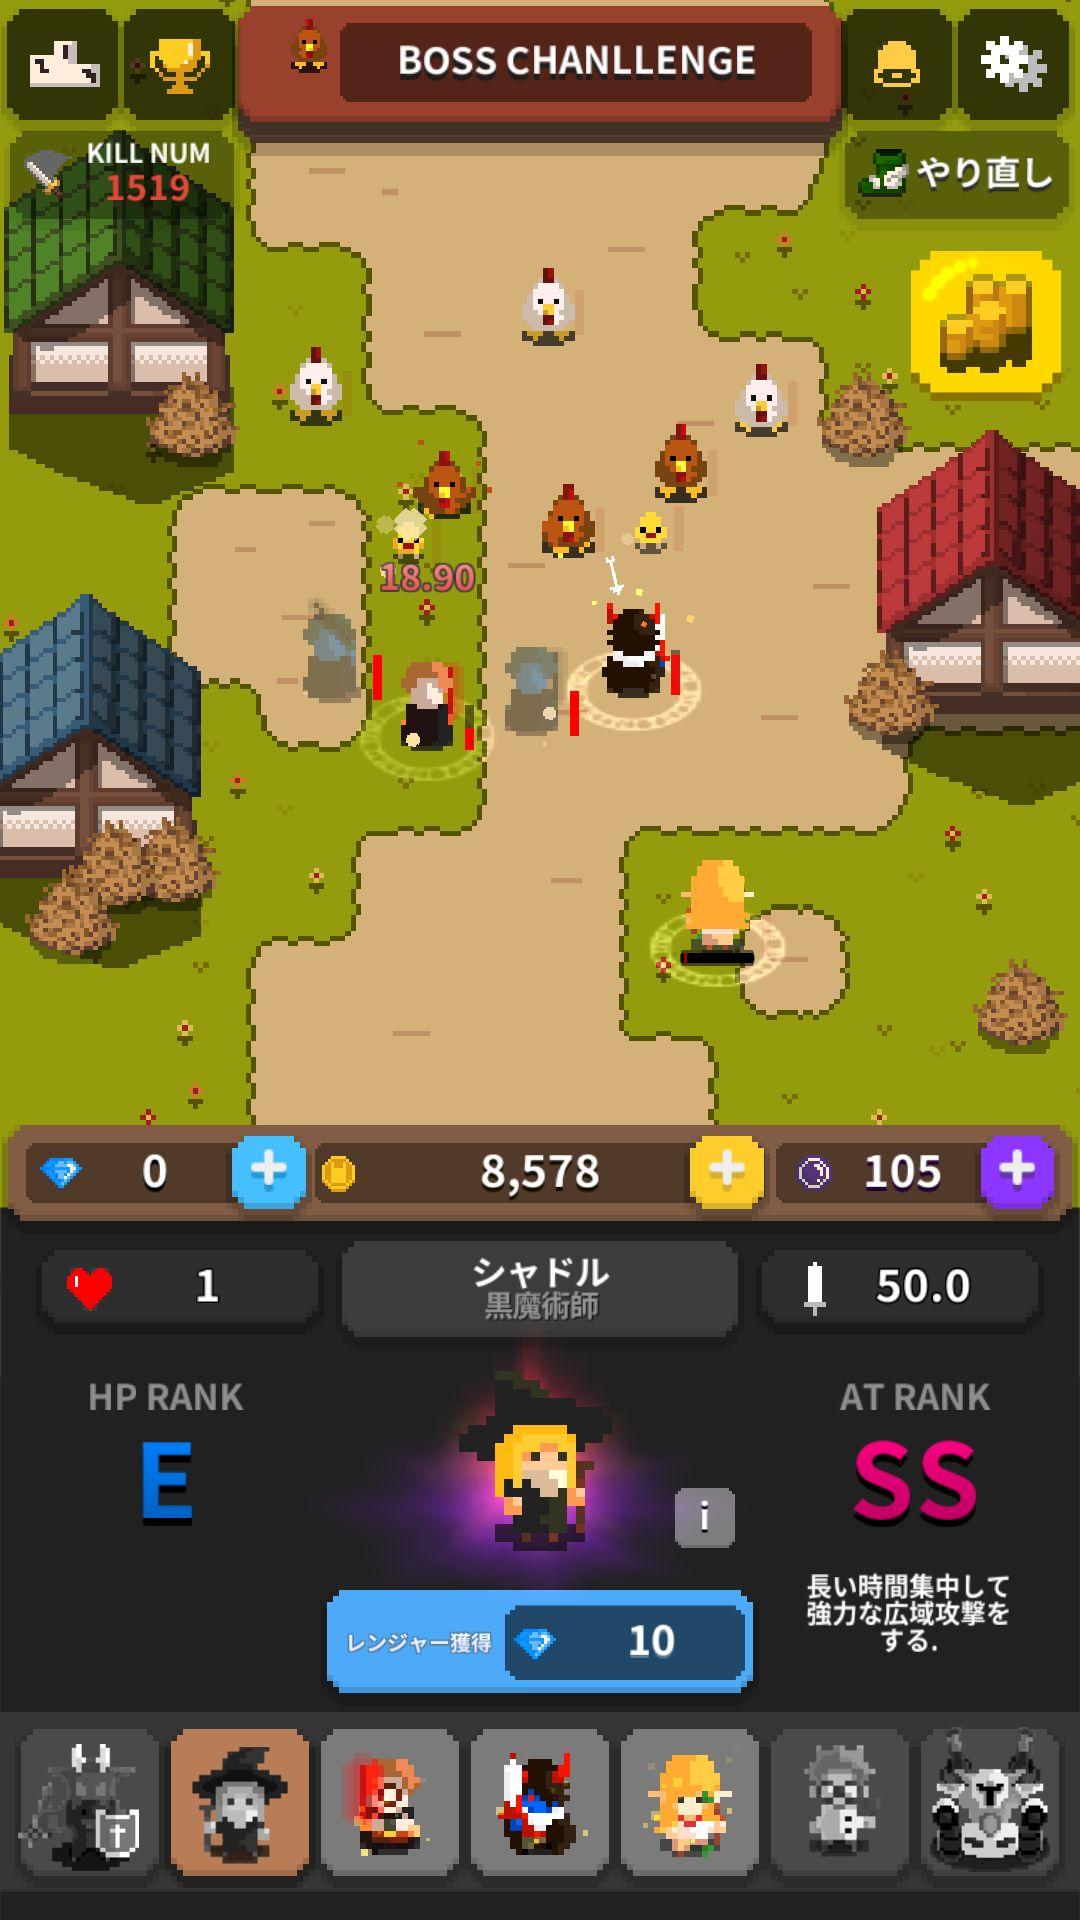 androidアプリ レトロ戦隊 ドットレンジャー攻略スクリーンショット2